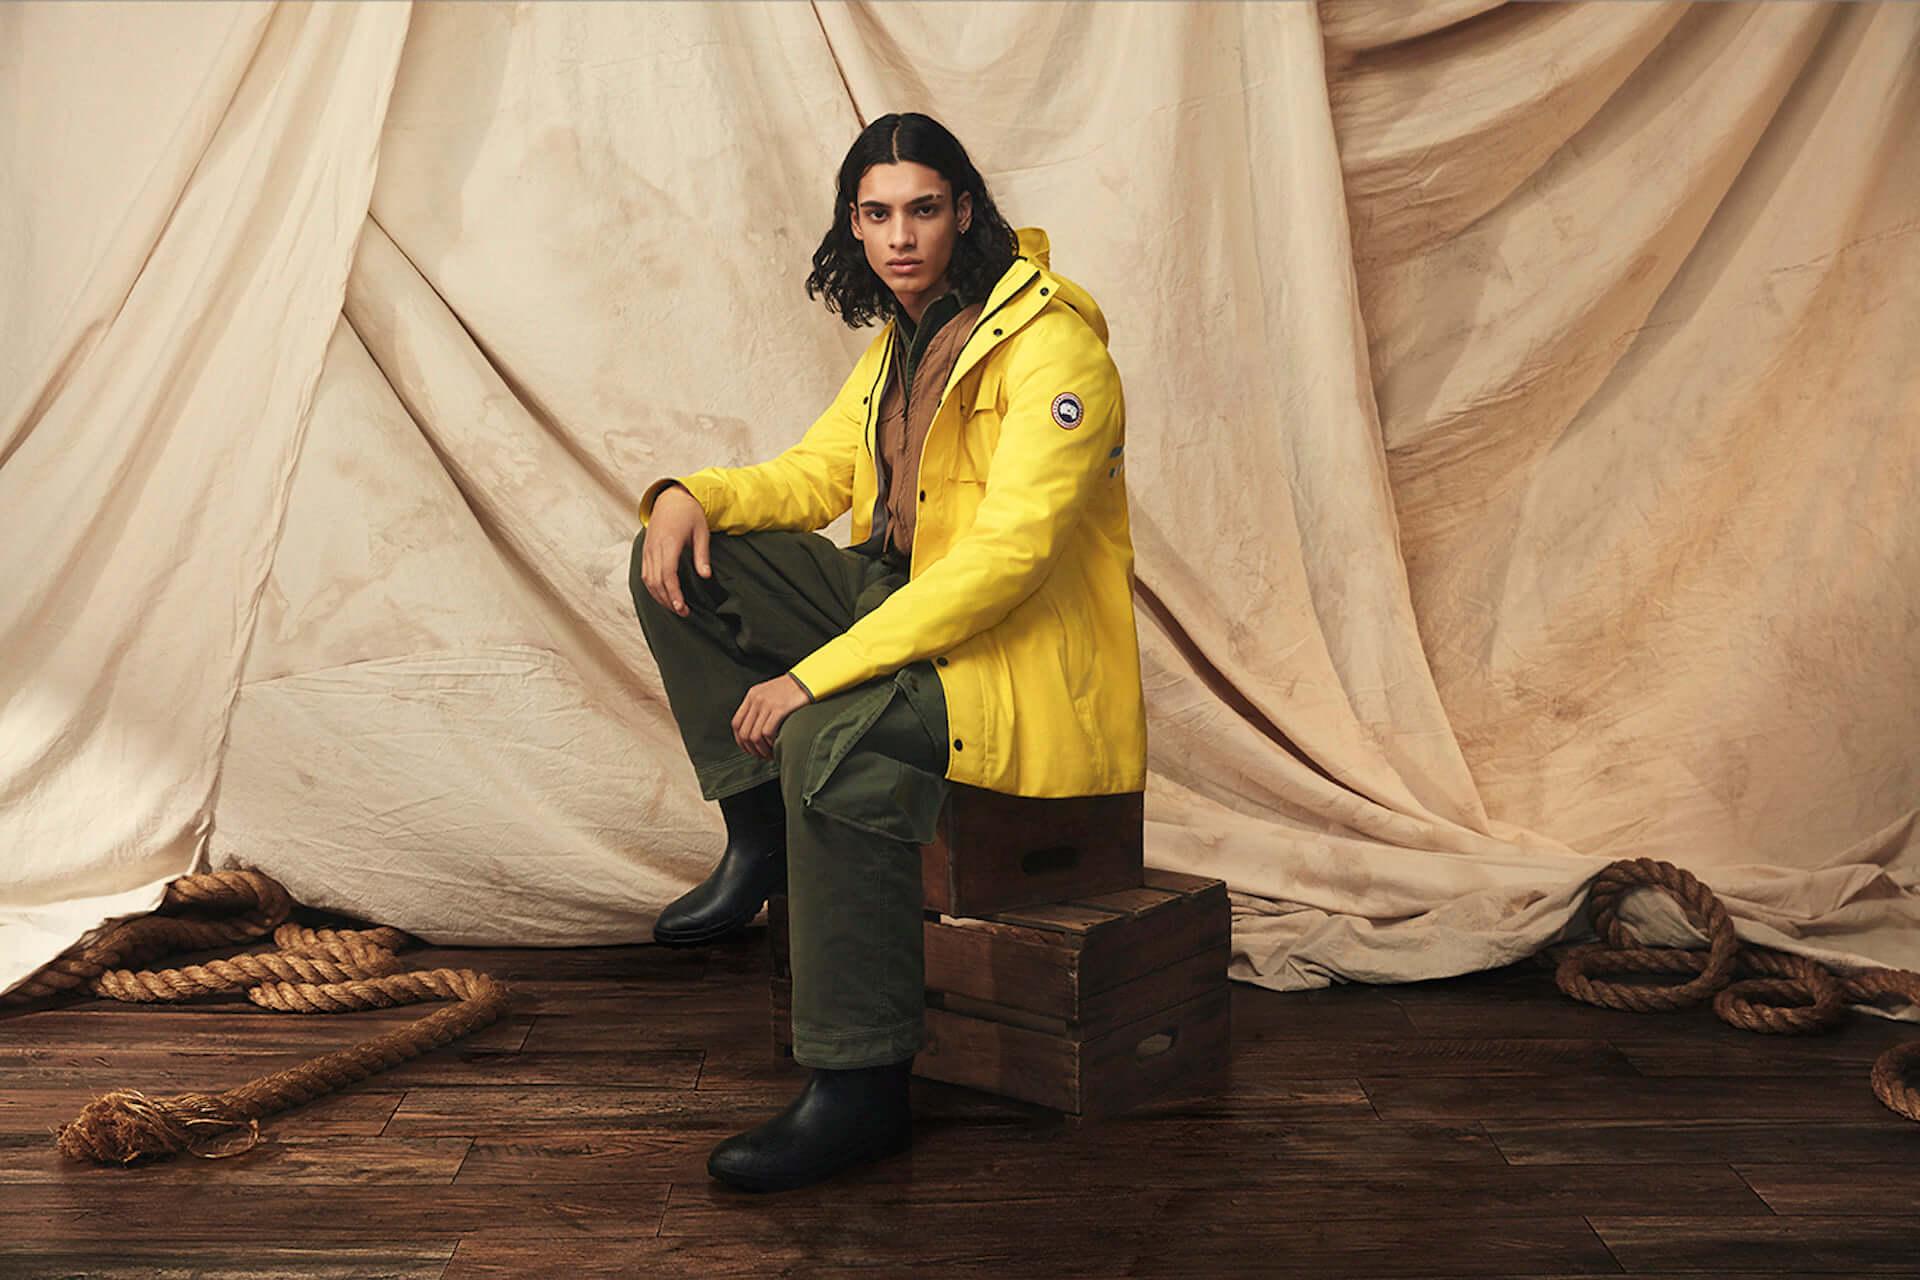 カナダグースの2020年春コレクションにイエローのレインウェアが登場!急な雨にも対応するポンチョ&ジャケット lf200417_-canadagoose_2-1920x1280